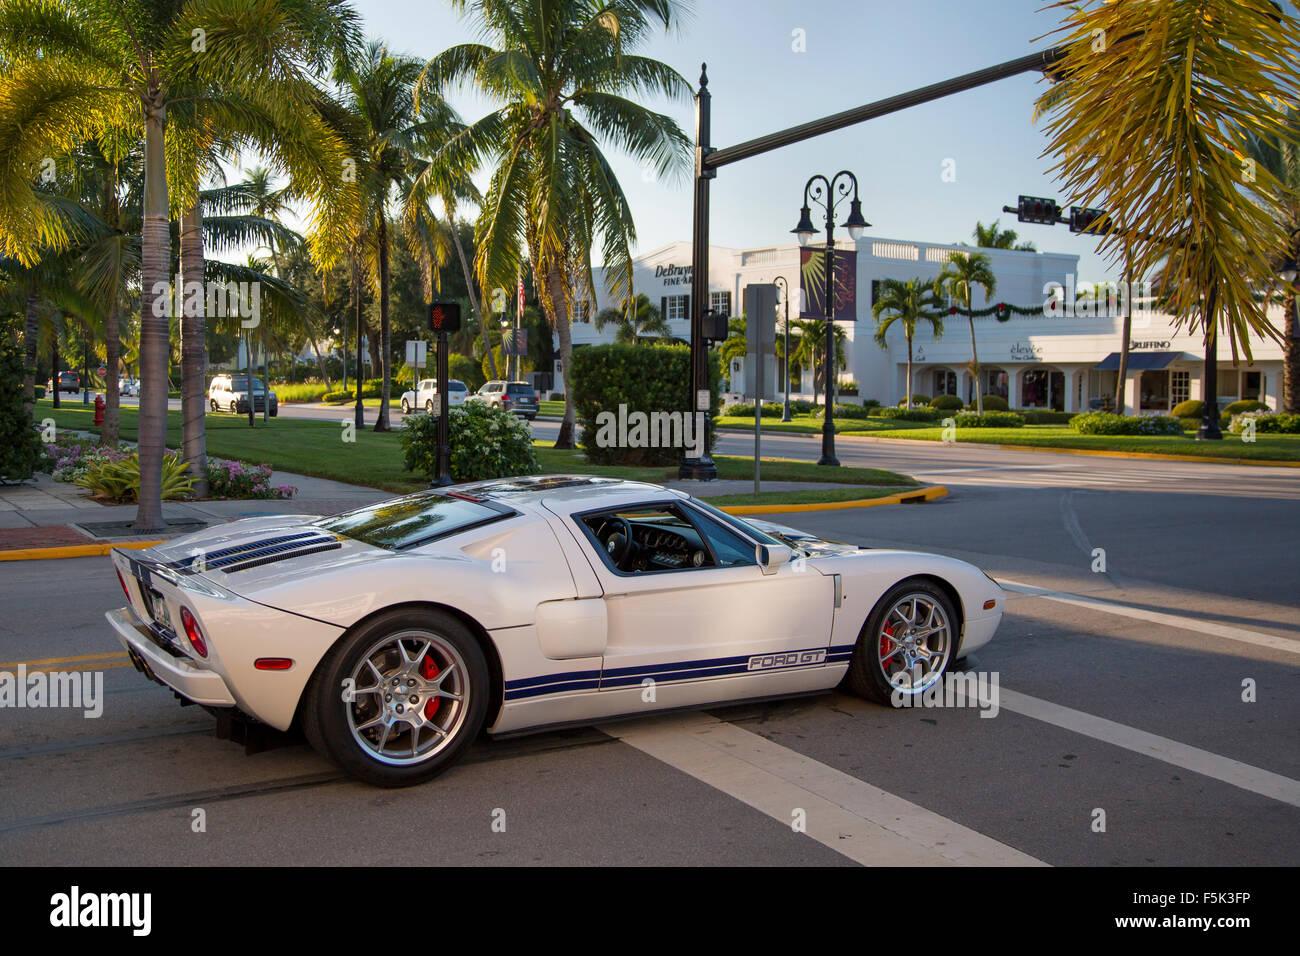 Ford gt gestoppt an der Ampel in Naples, Florida, USA Stockbild